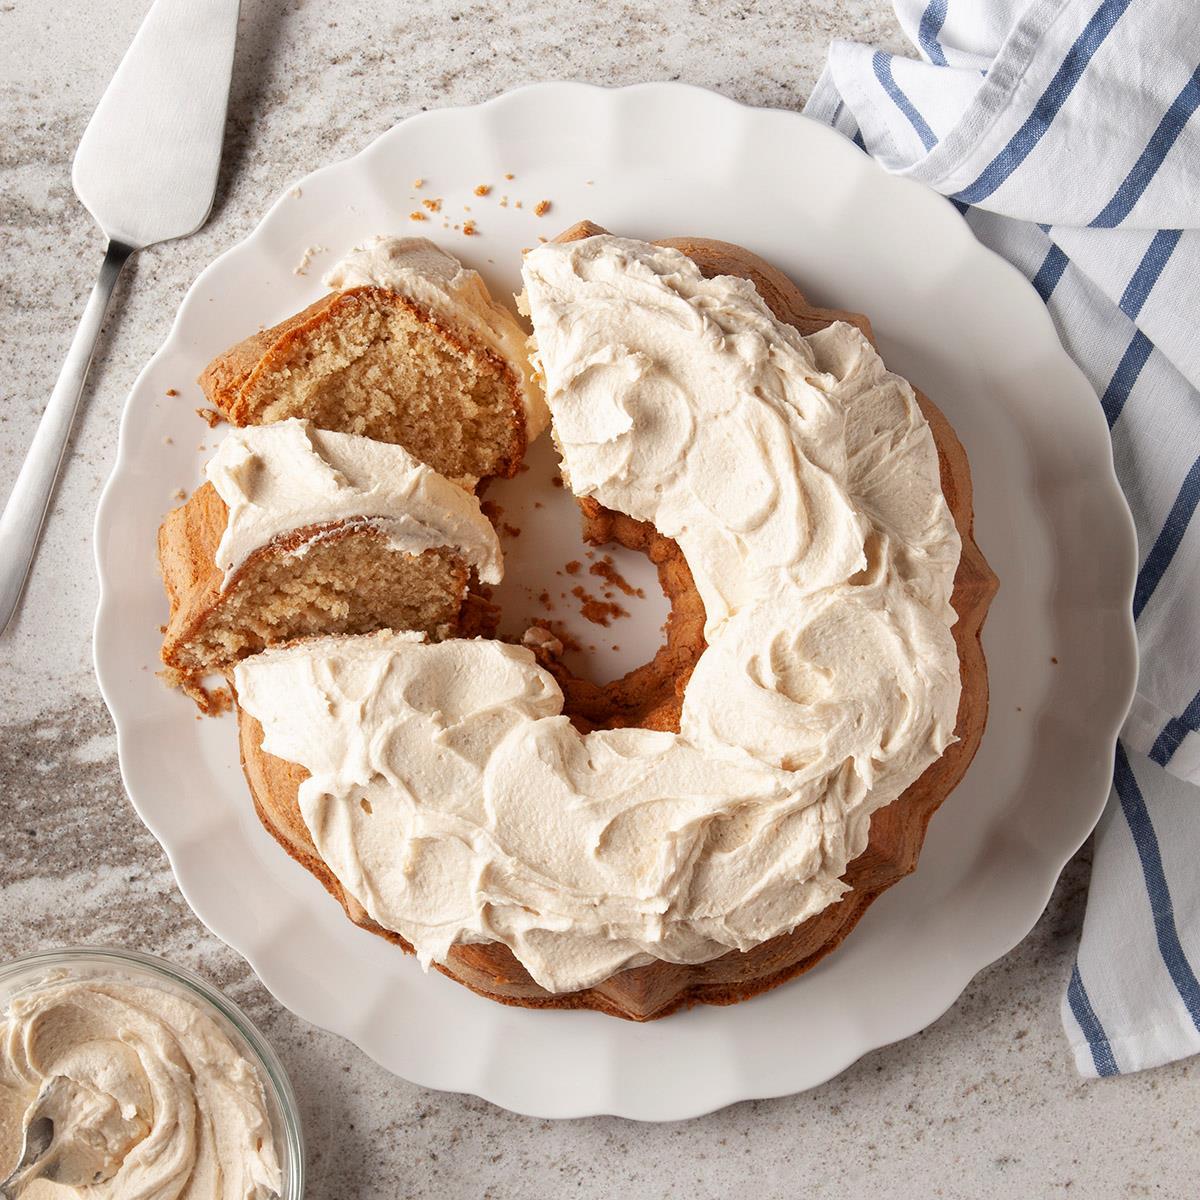 Receta de pastel de mantequilla de maní Bundt